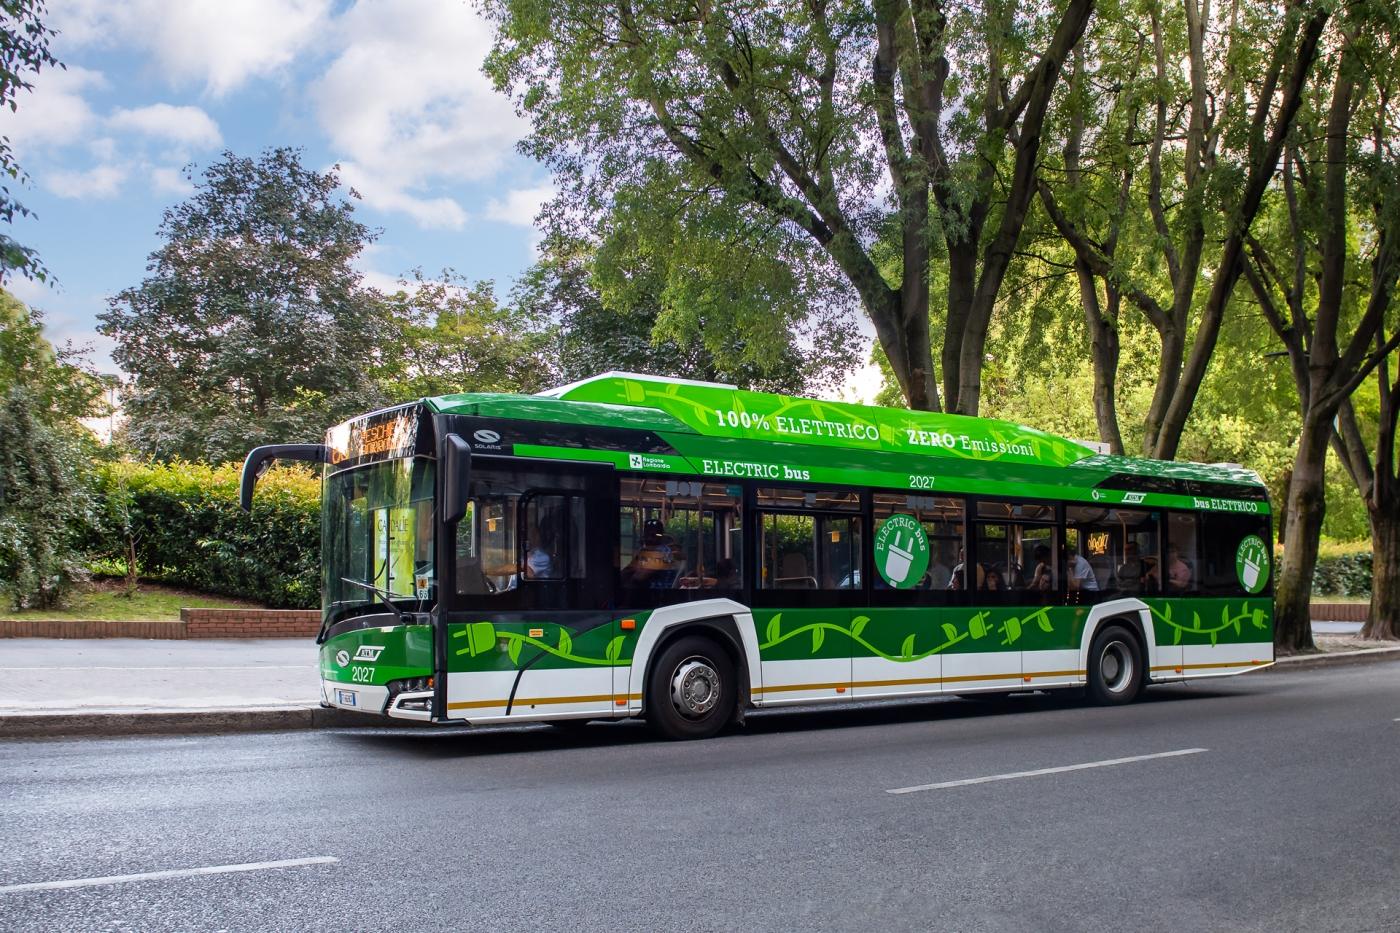 atm milano electric bus solaris